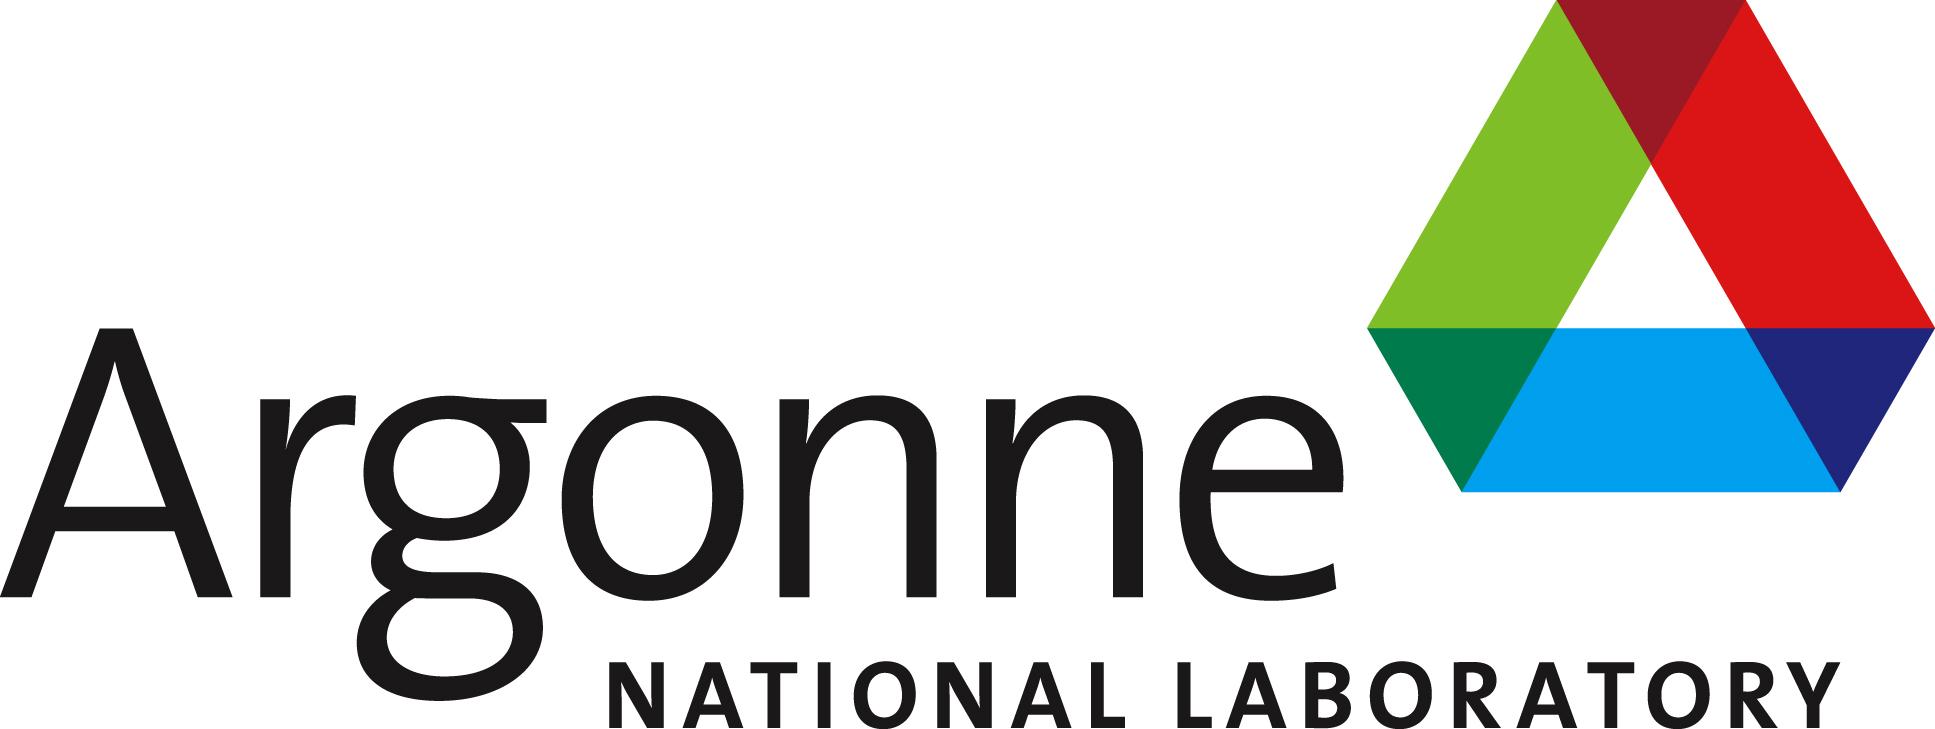 Argonne_logo.jpg